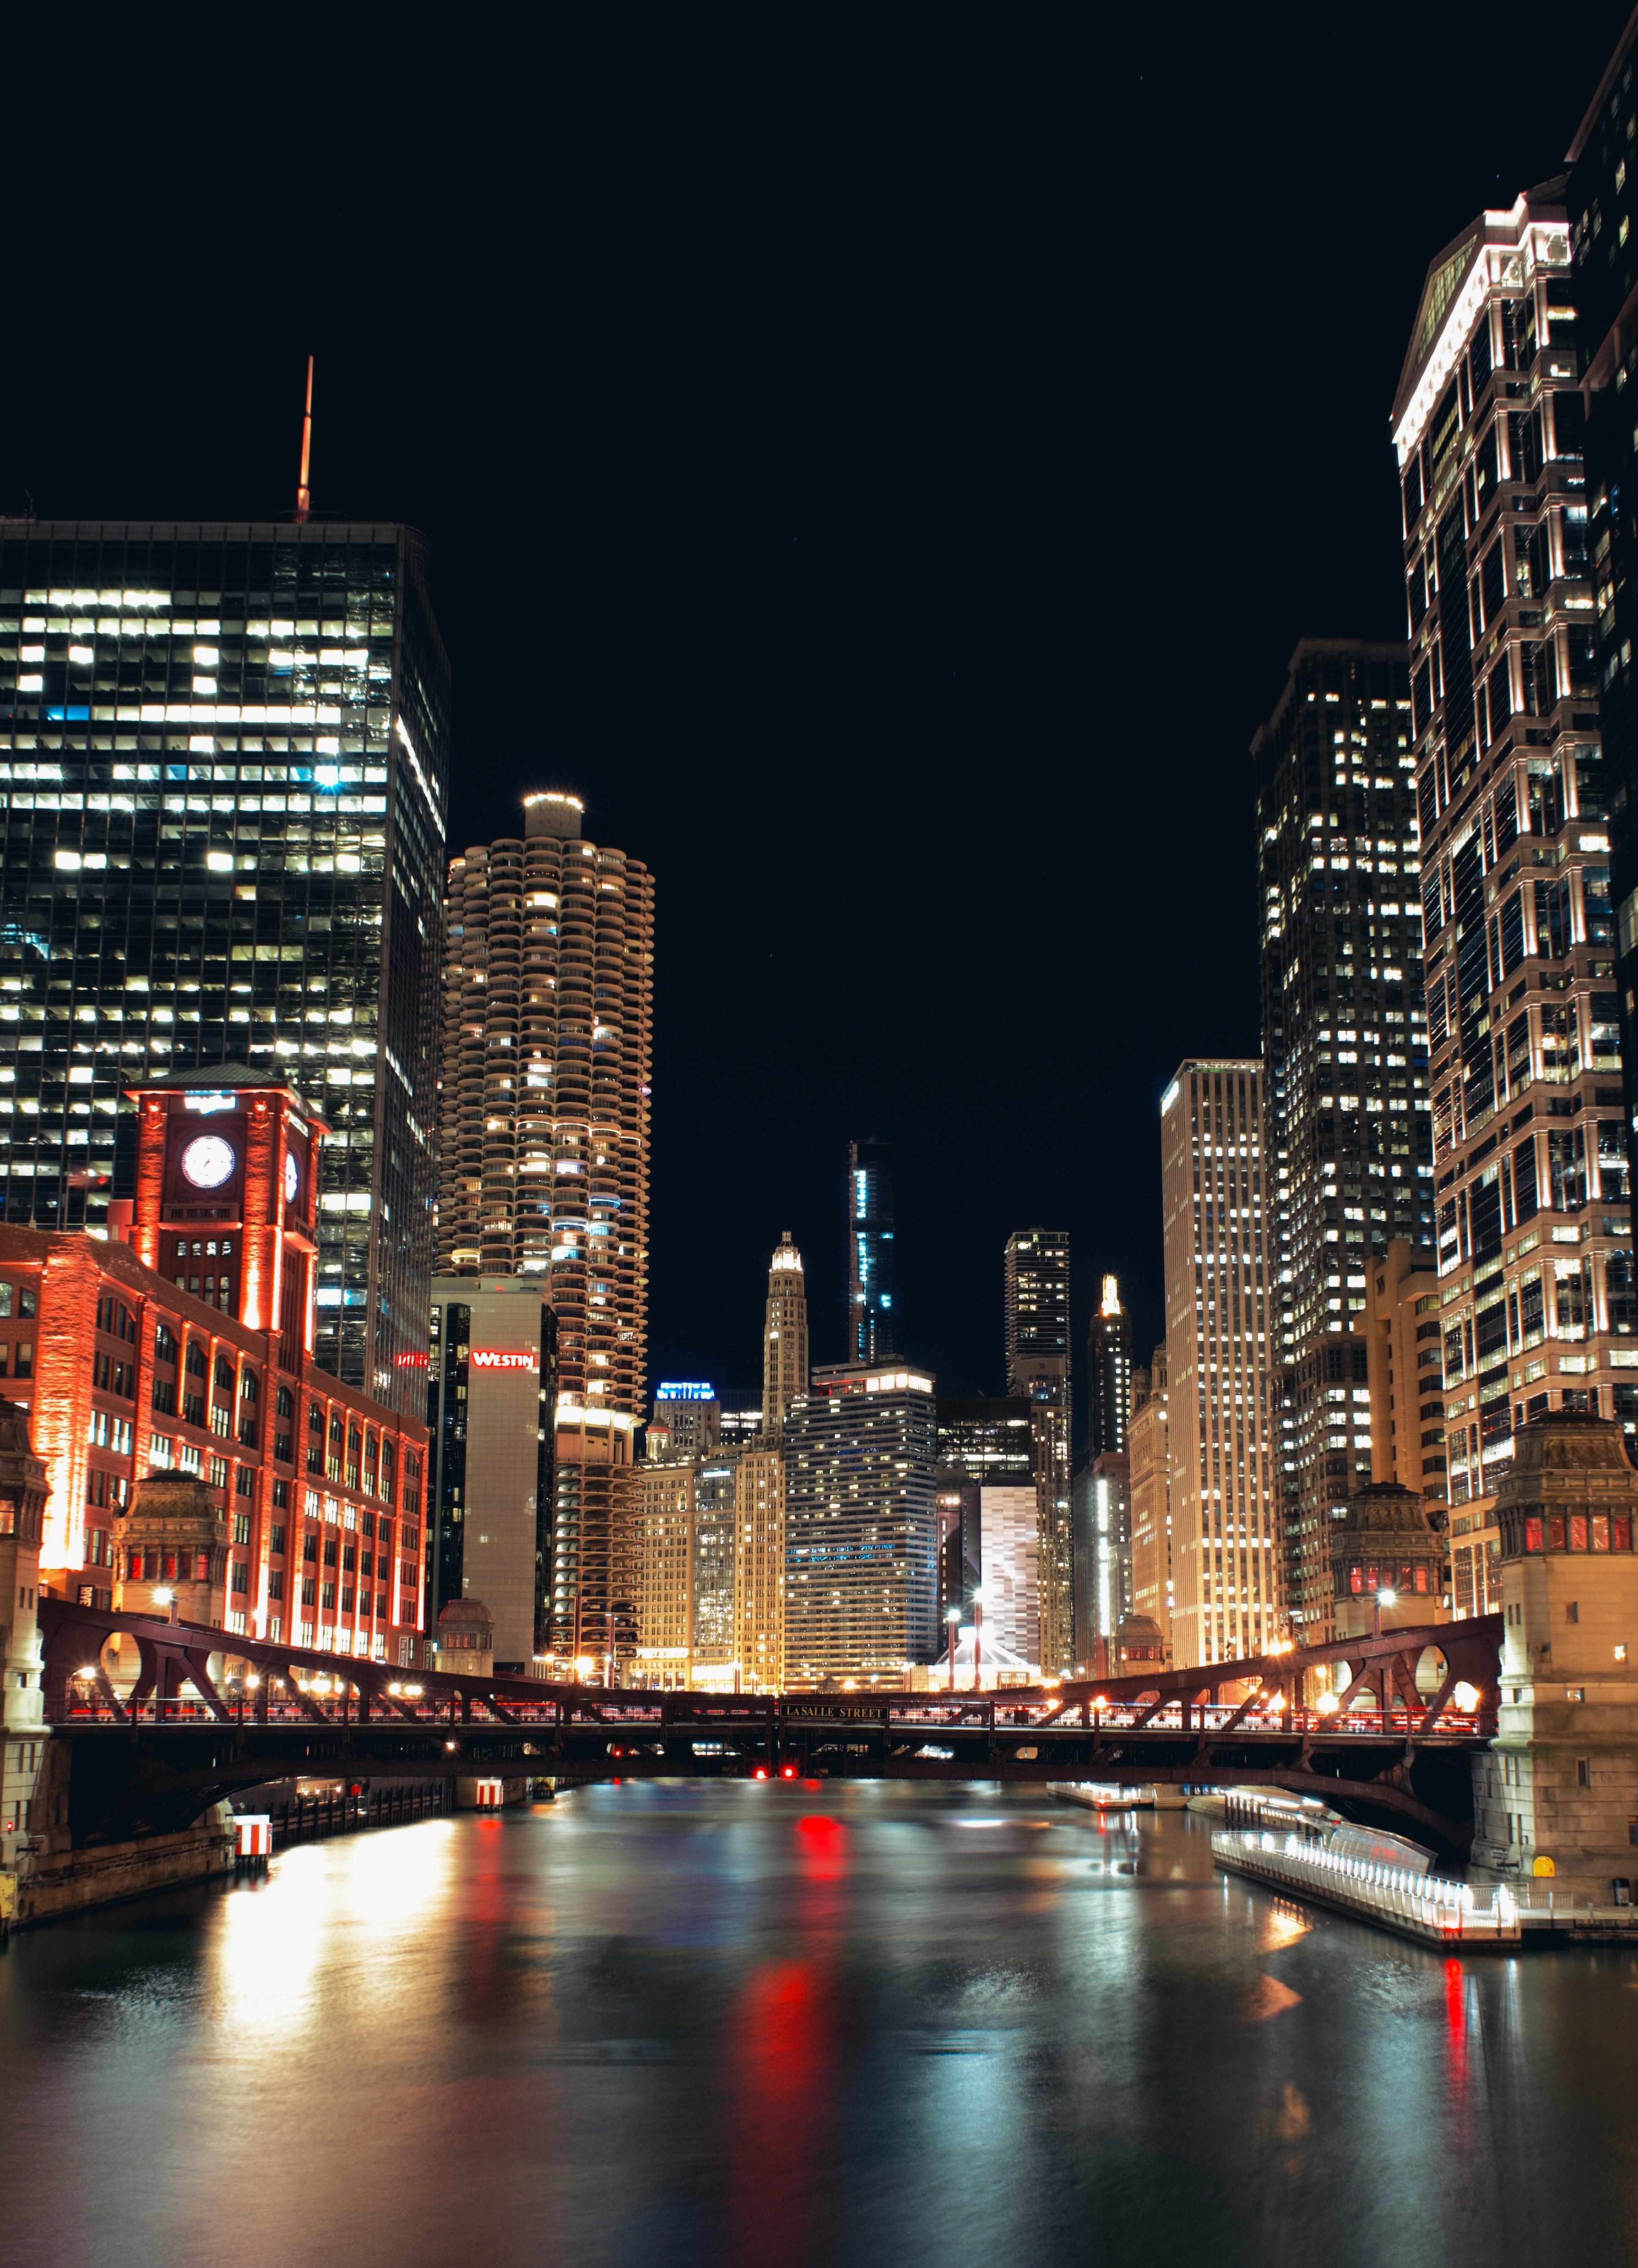 121286 скачать обои Город, Мост, Здания, Огни, Архитектура, Города - заставки и картинки бесплатно